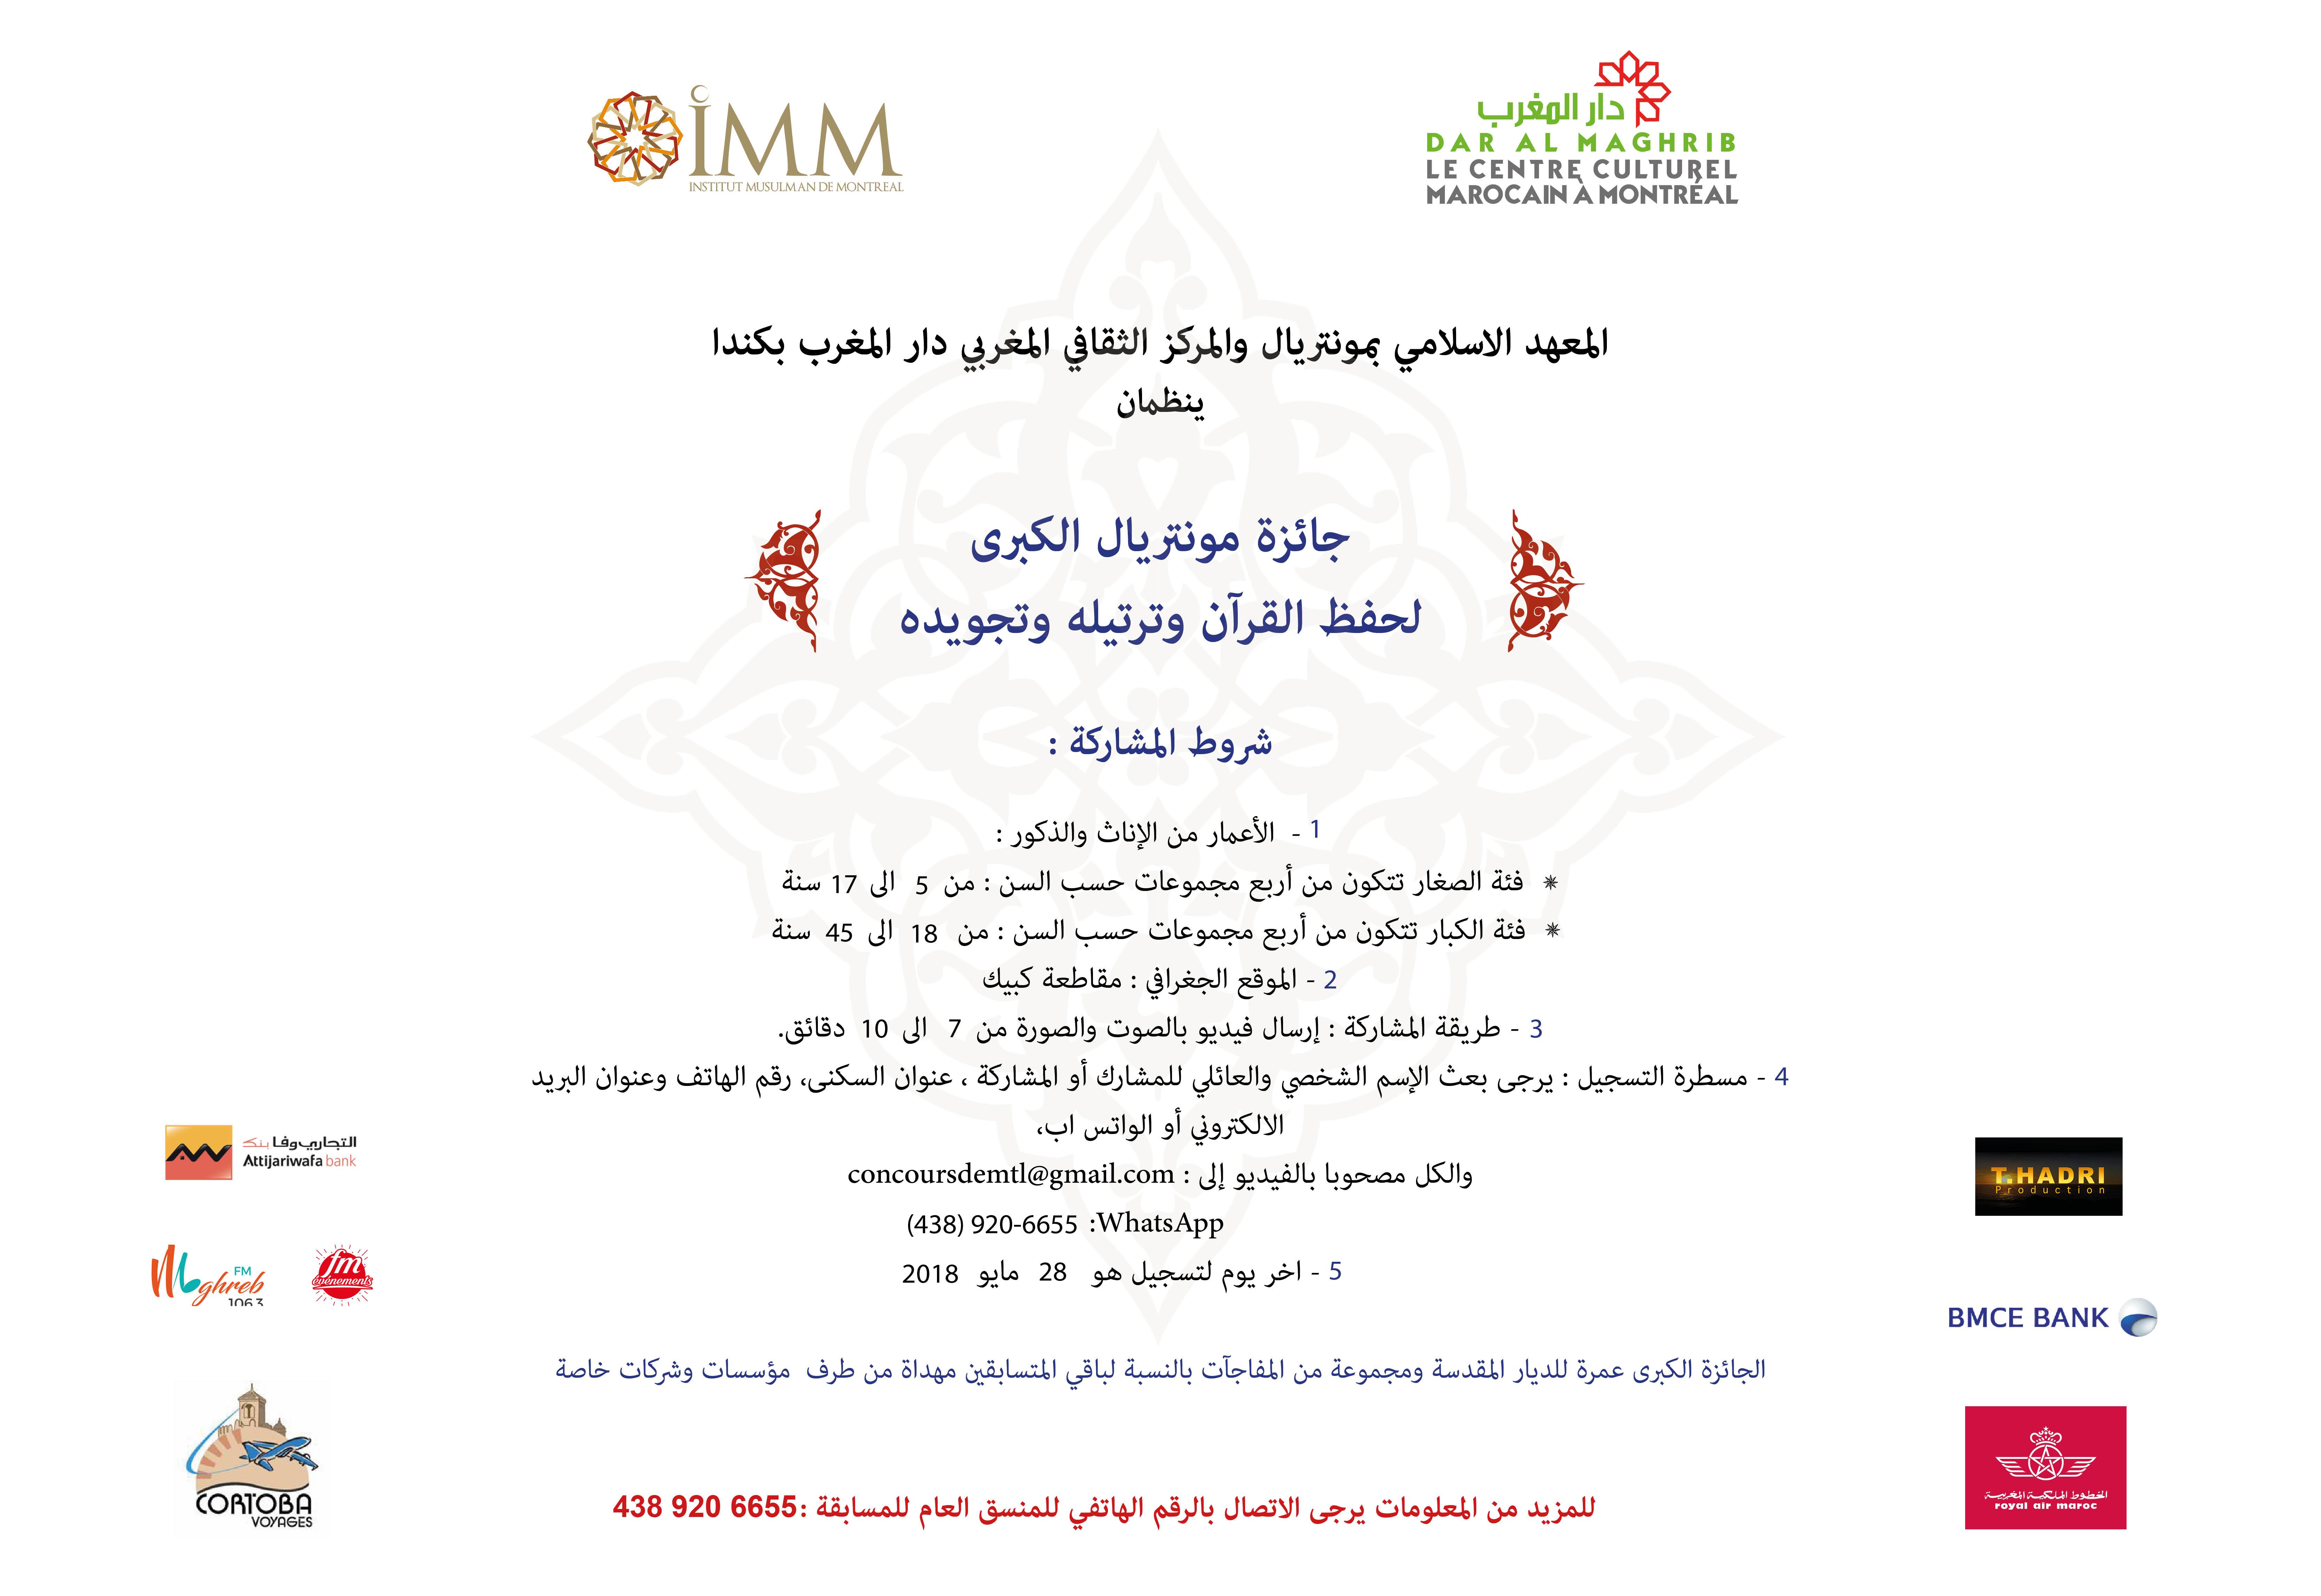 جائزة مونتريال الكبرى لحفظ القرآن وترتيله وتجويده